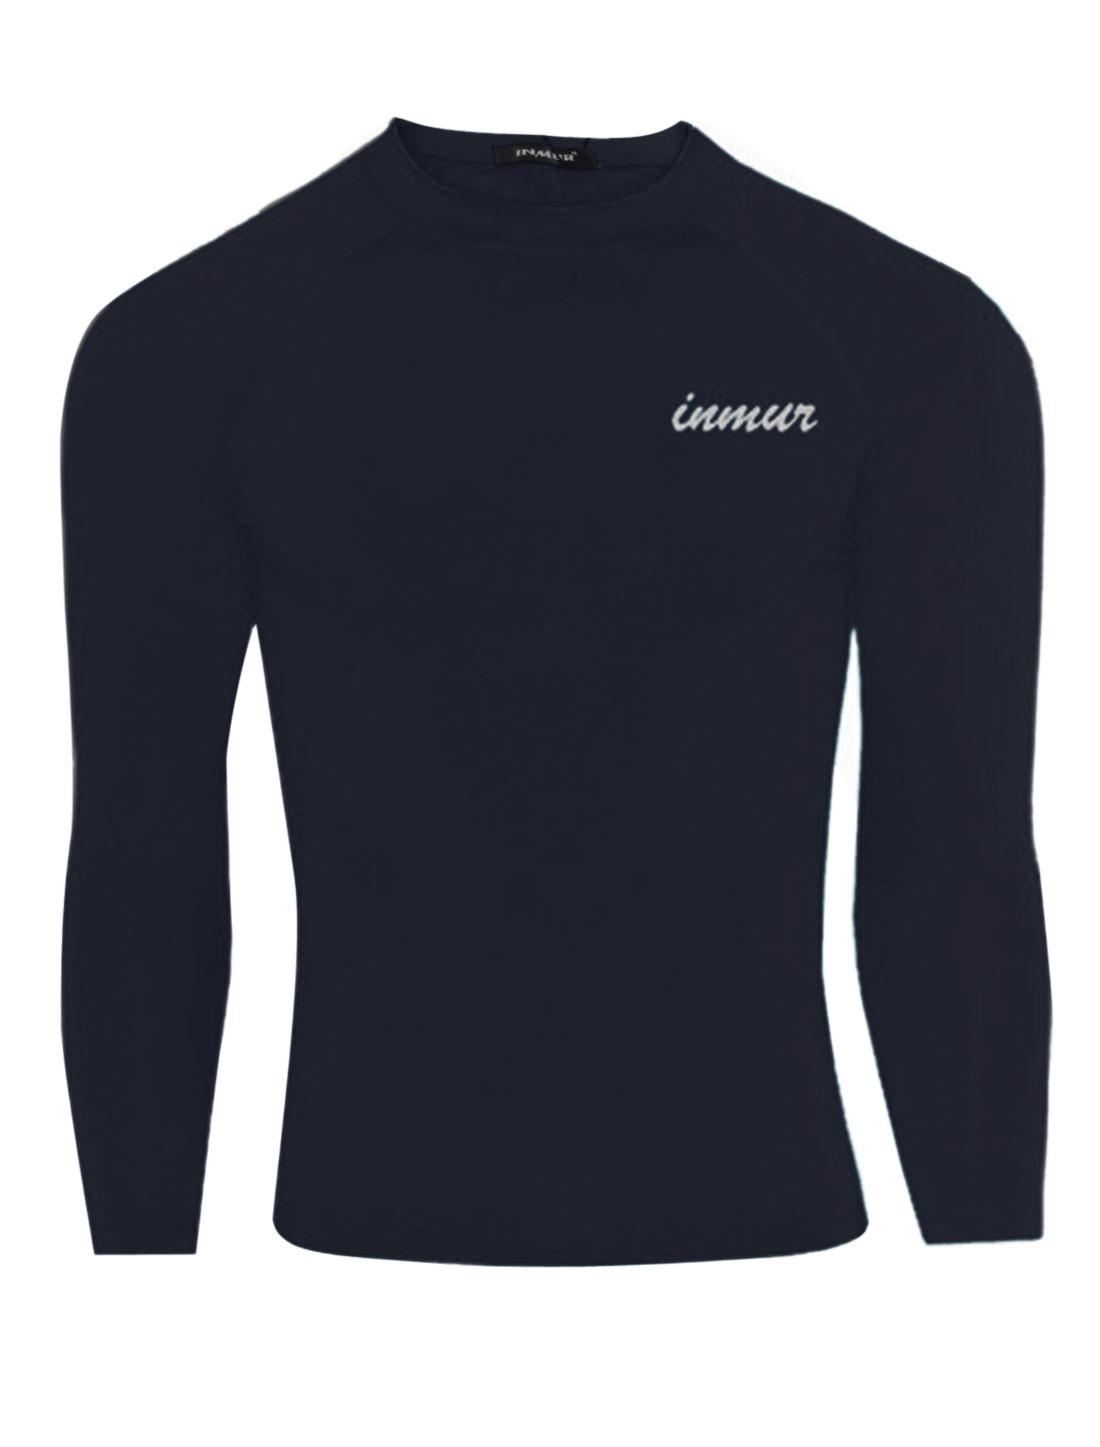 Men Pullover Round Neck Fashionable Sport Shirt Navy Blue M